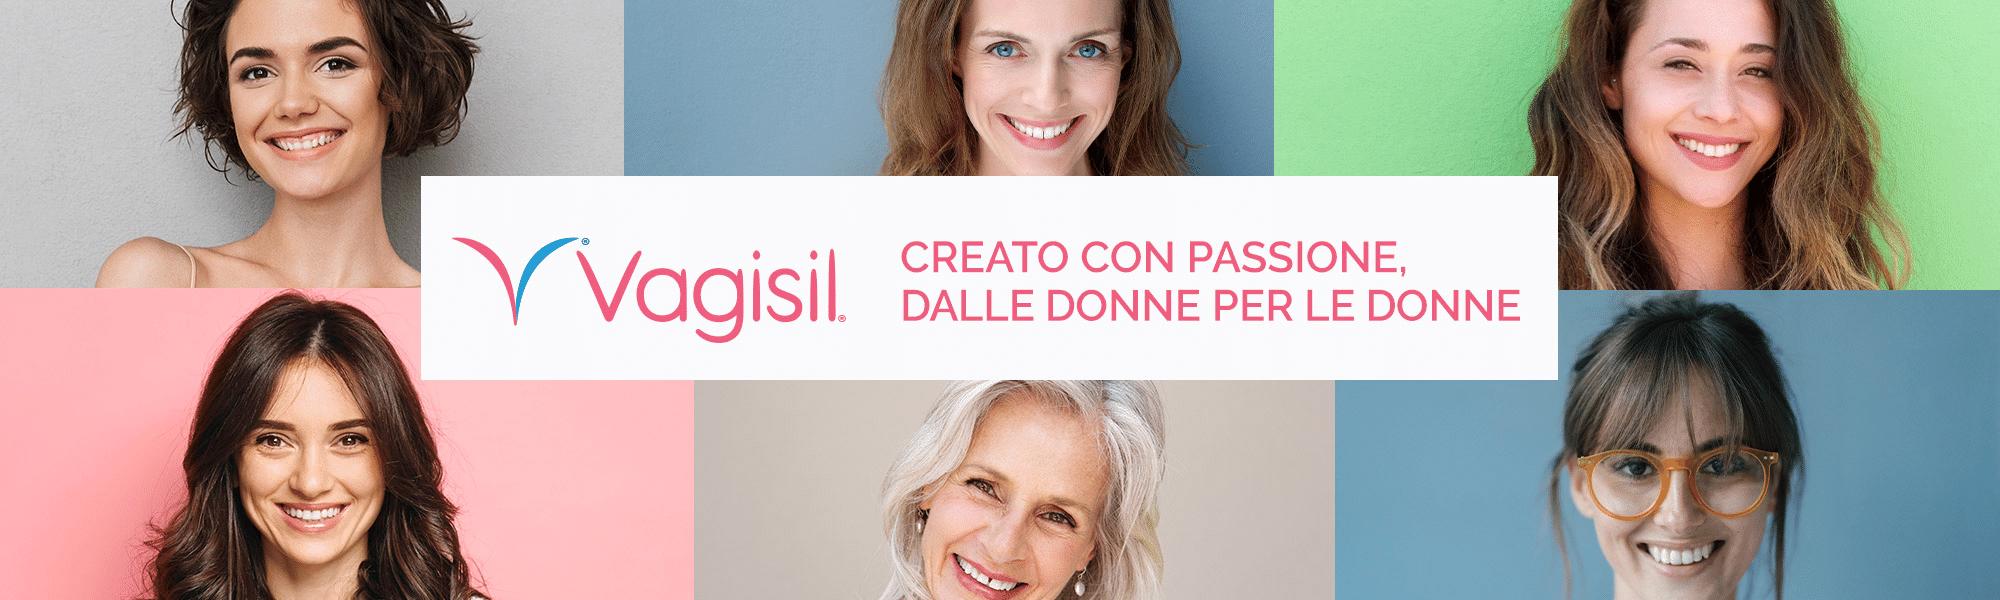 Vagisil Prodotti Farmacia Online